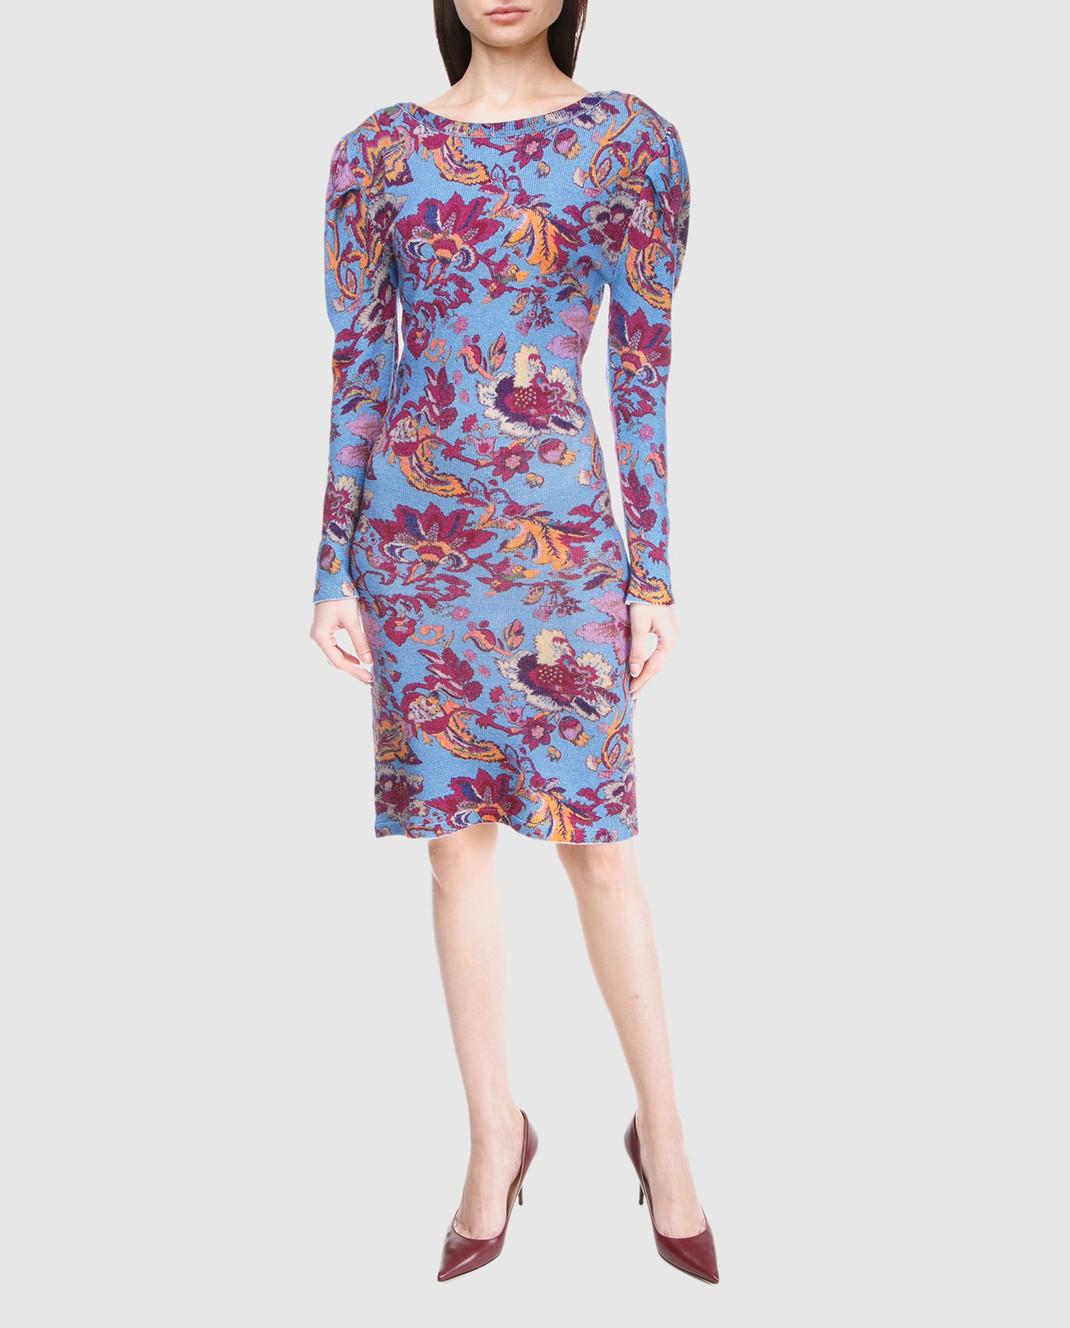 Etro Синее платье из шерсти D15673 изображение 2